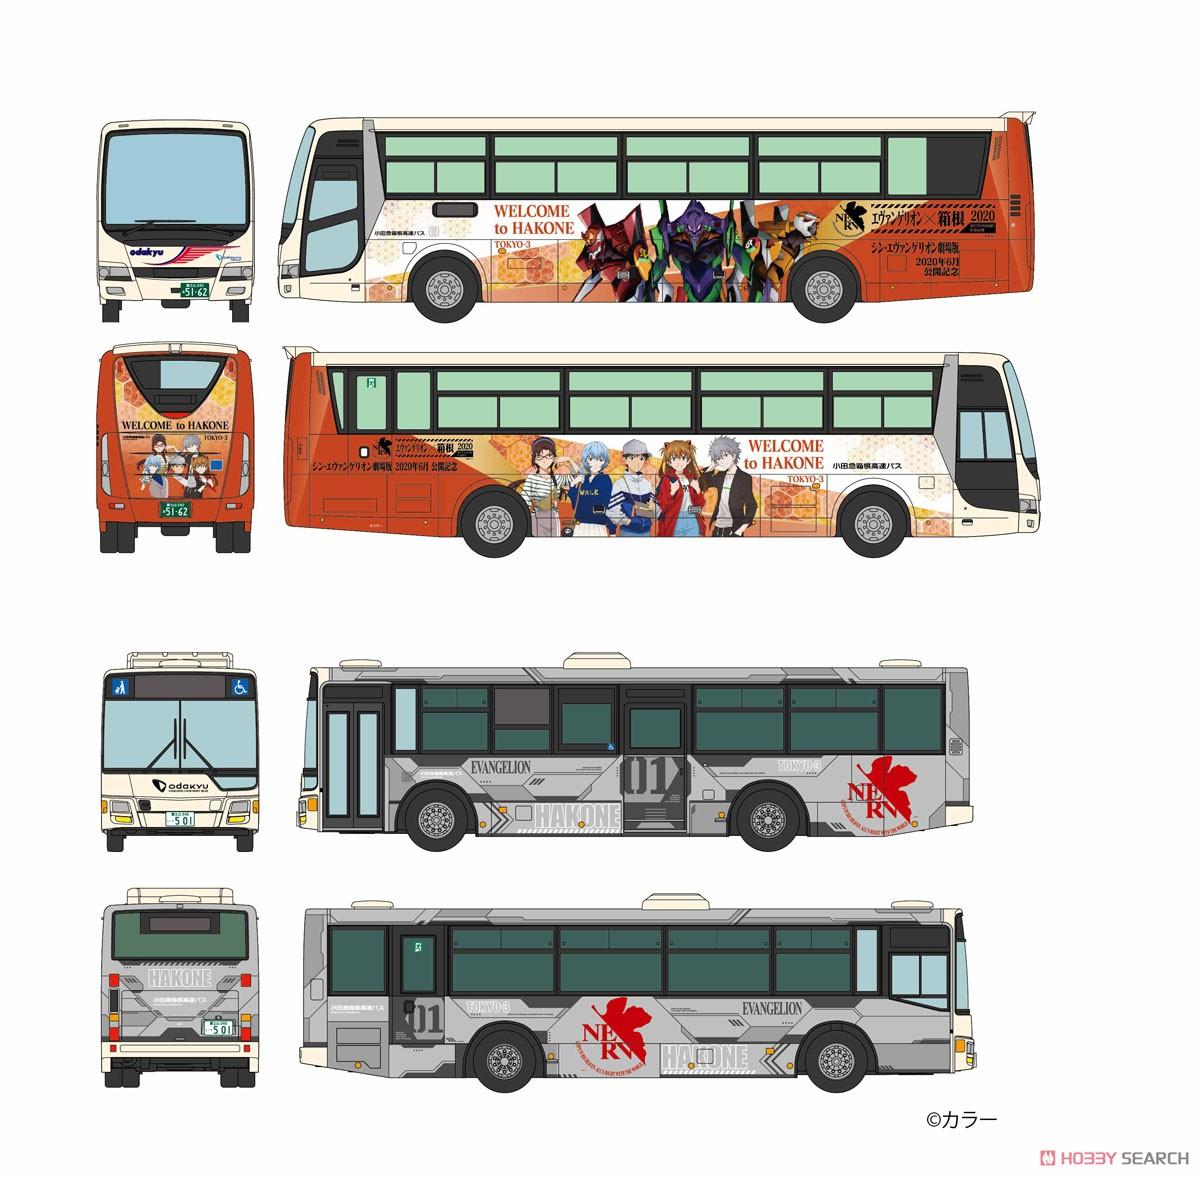 ザ・バスコレクション『小田急箱根高速バス エヴァンゲリオンラッピング2台セット』1/150 Nゲージ-002